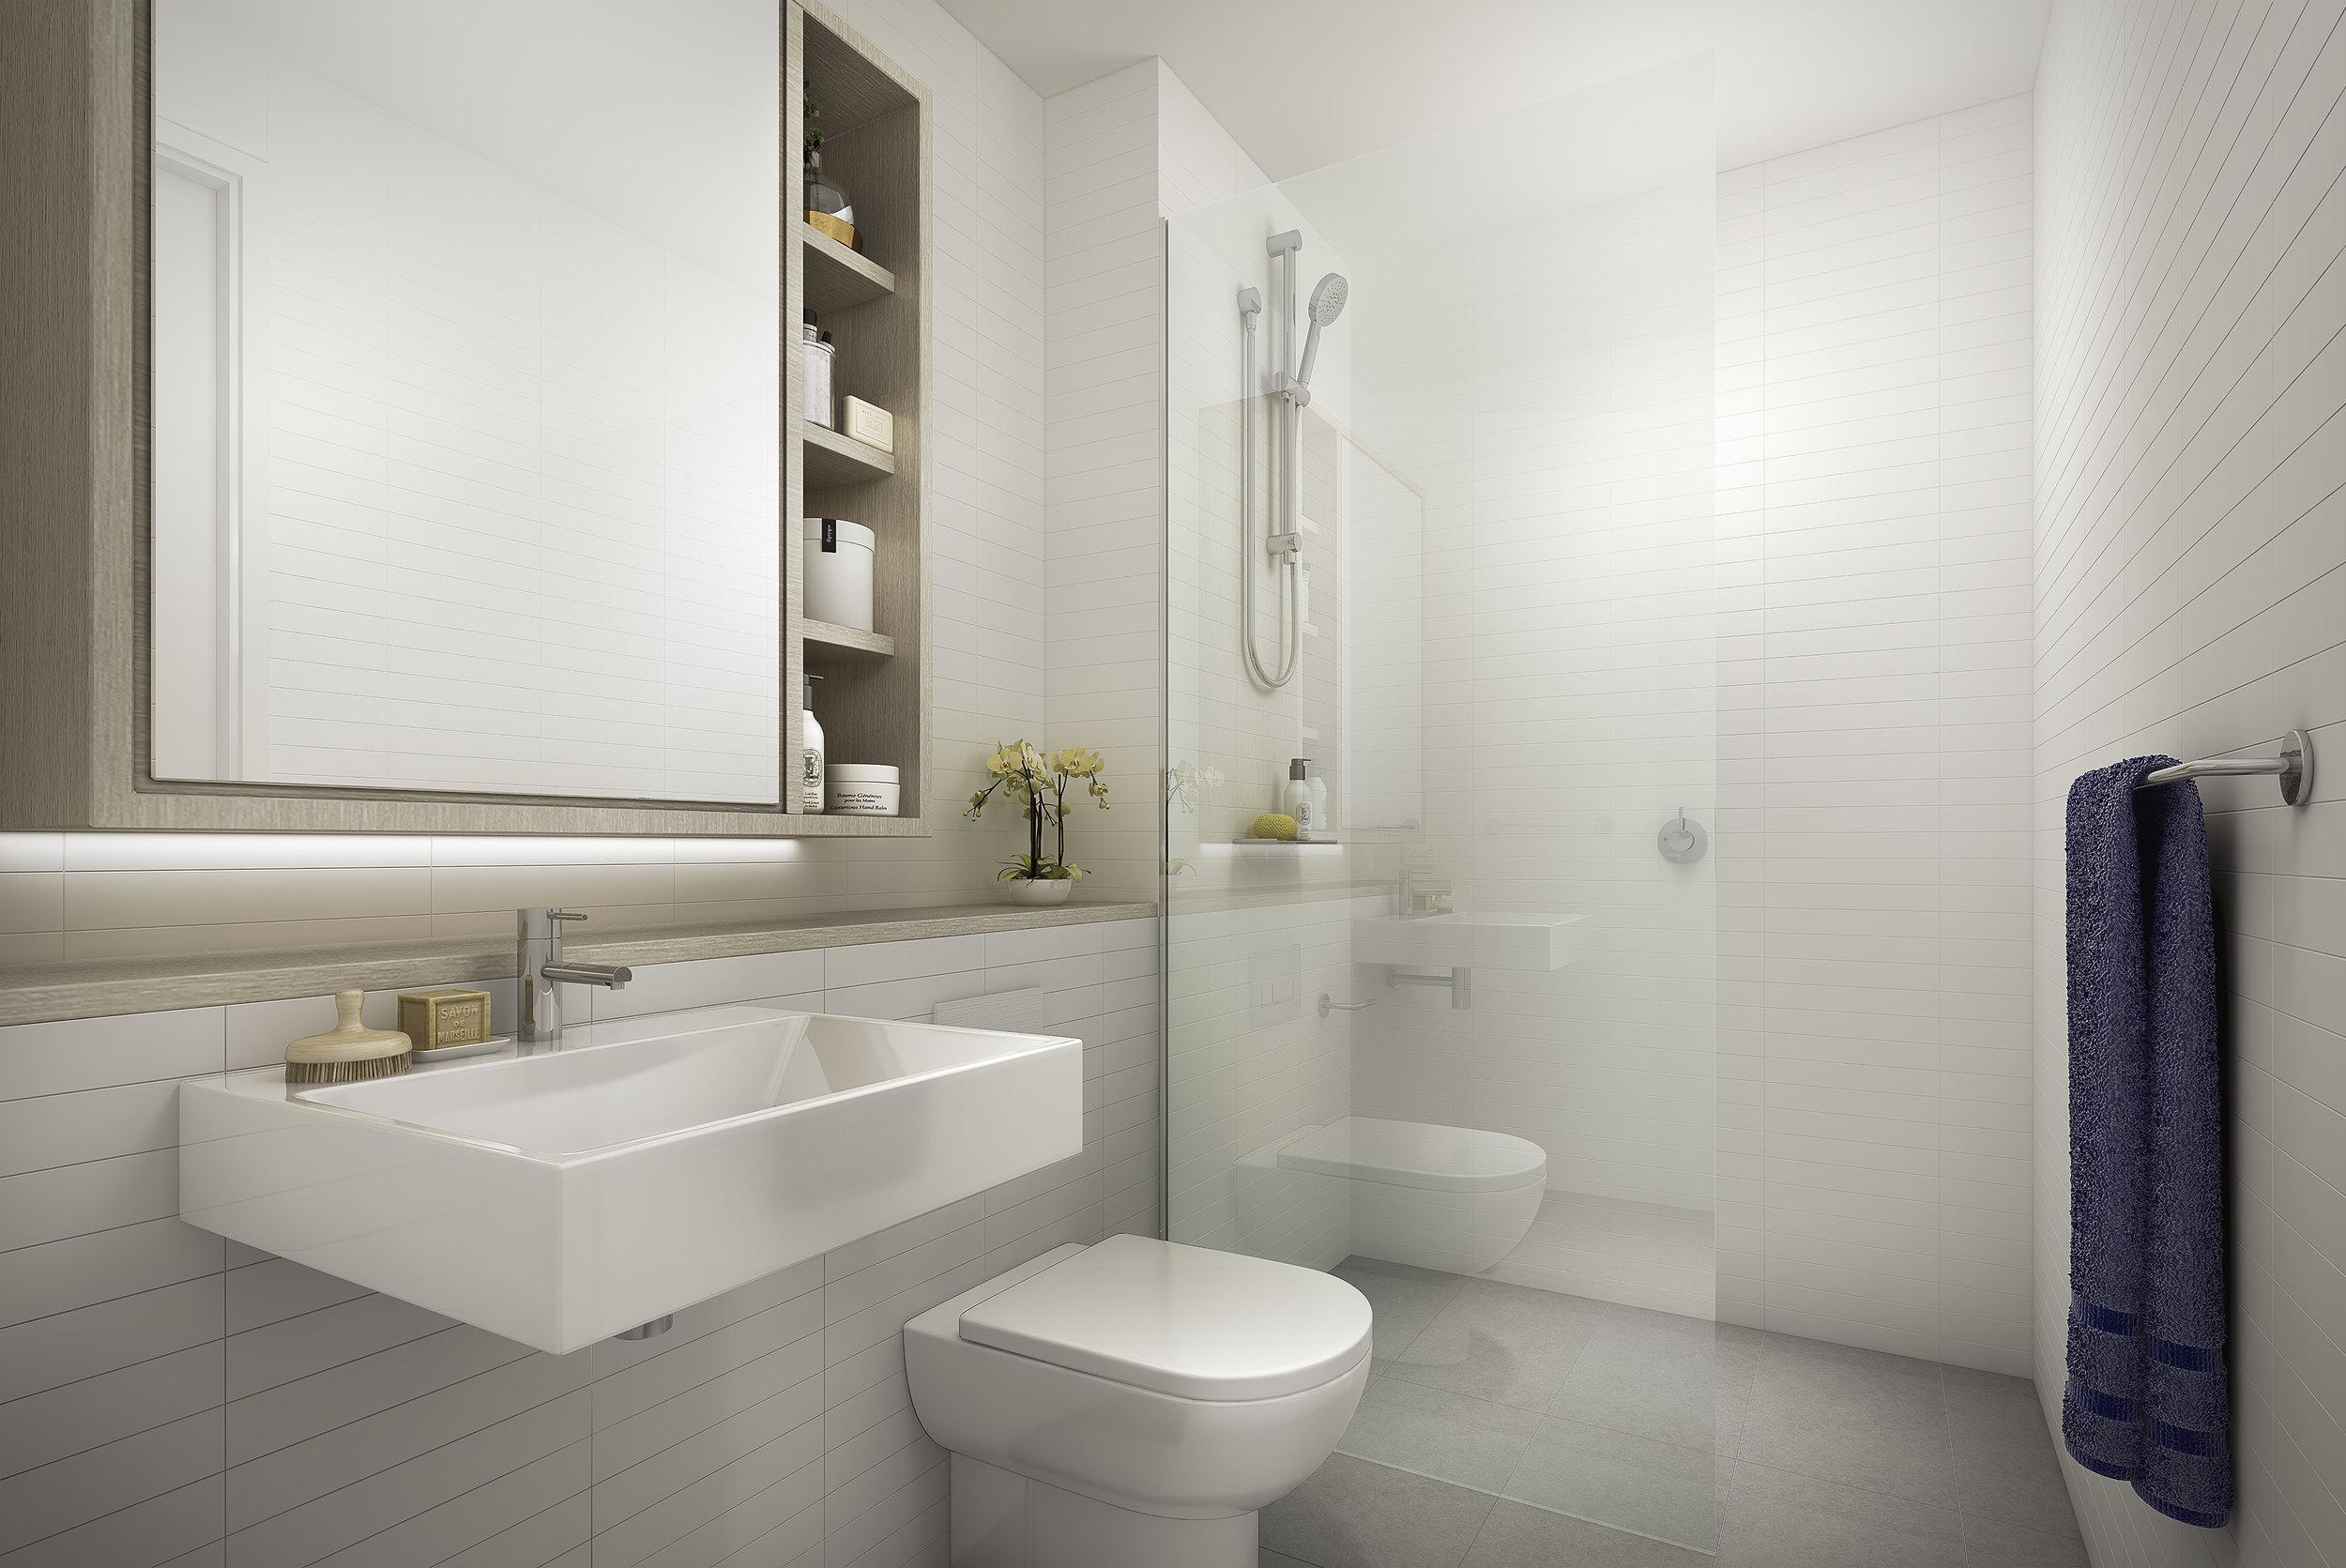 STHI9112_Stage3_IN04 Interior Render - 2Bed Bathroom_MR.jpg